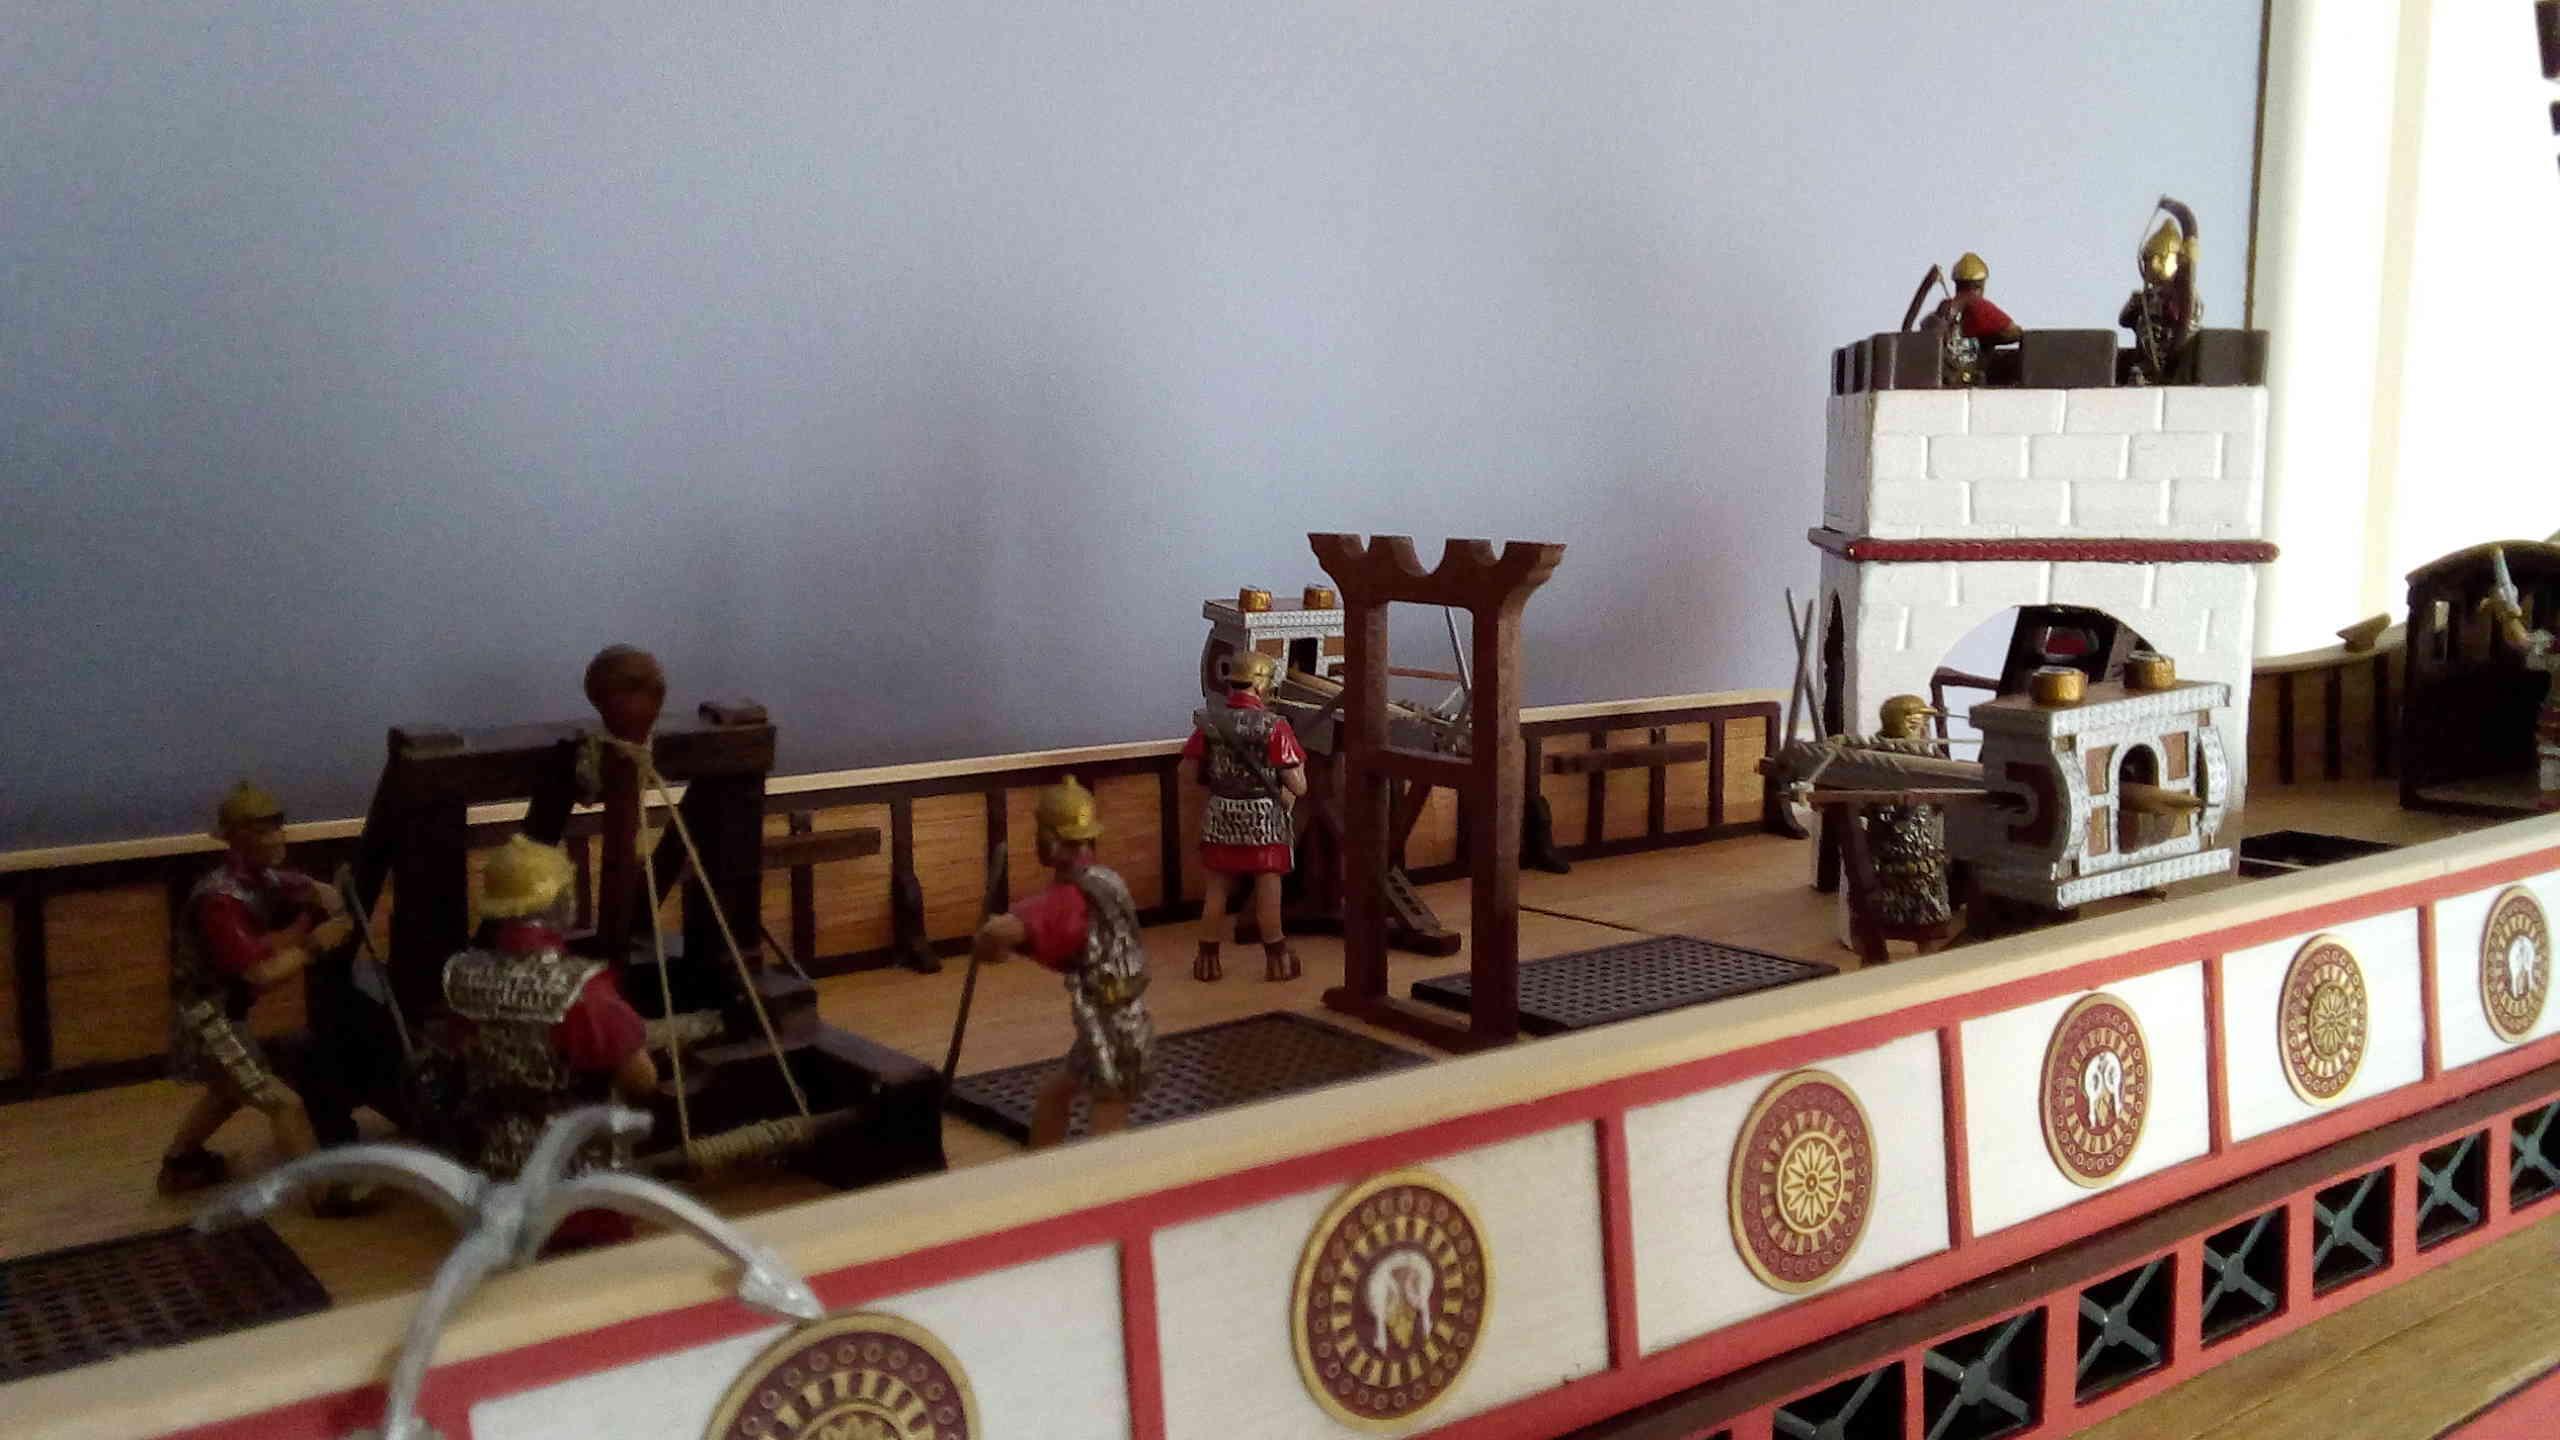 nave - Costruiamo la Nave Romana Quinquereme ? - Pagina 6 Img_2041